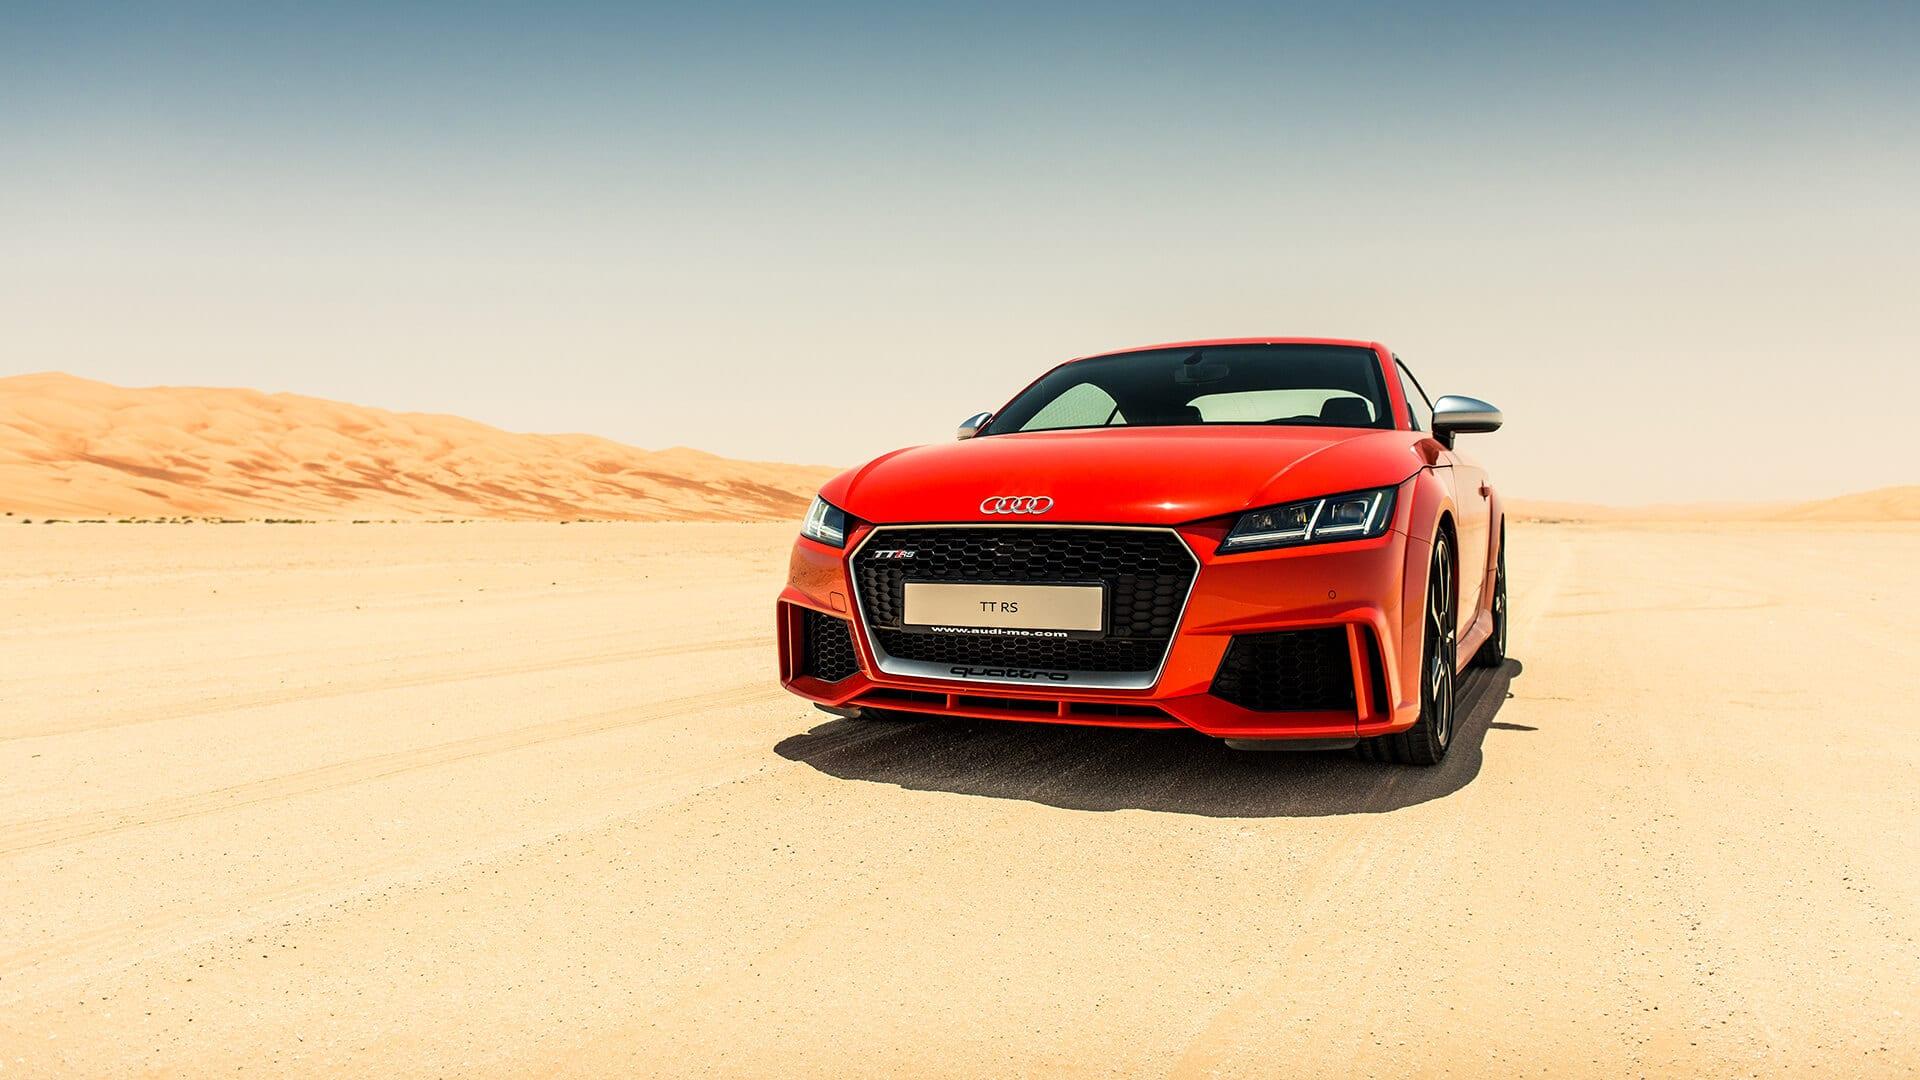 Audi TTRS Coupe' 2019 > Audi TT 2019 > Audi Abu Dhabi